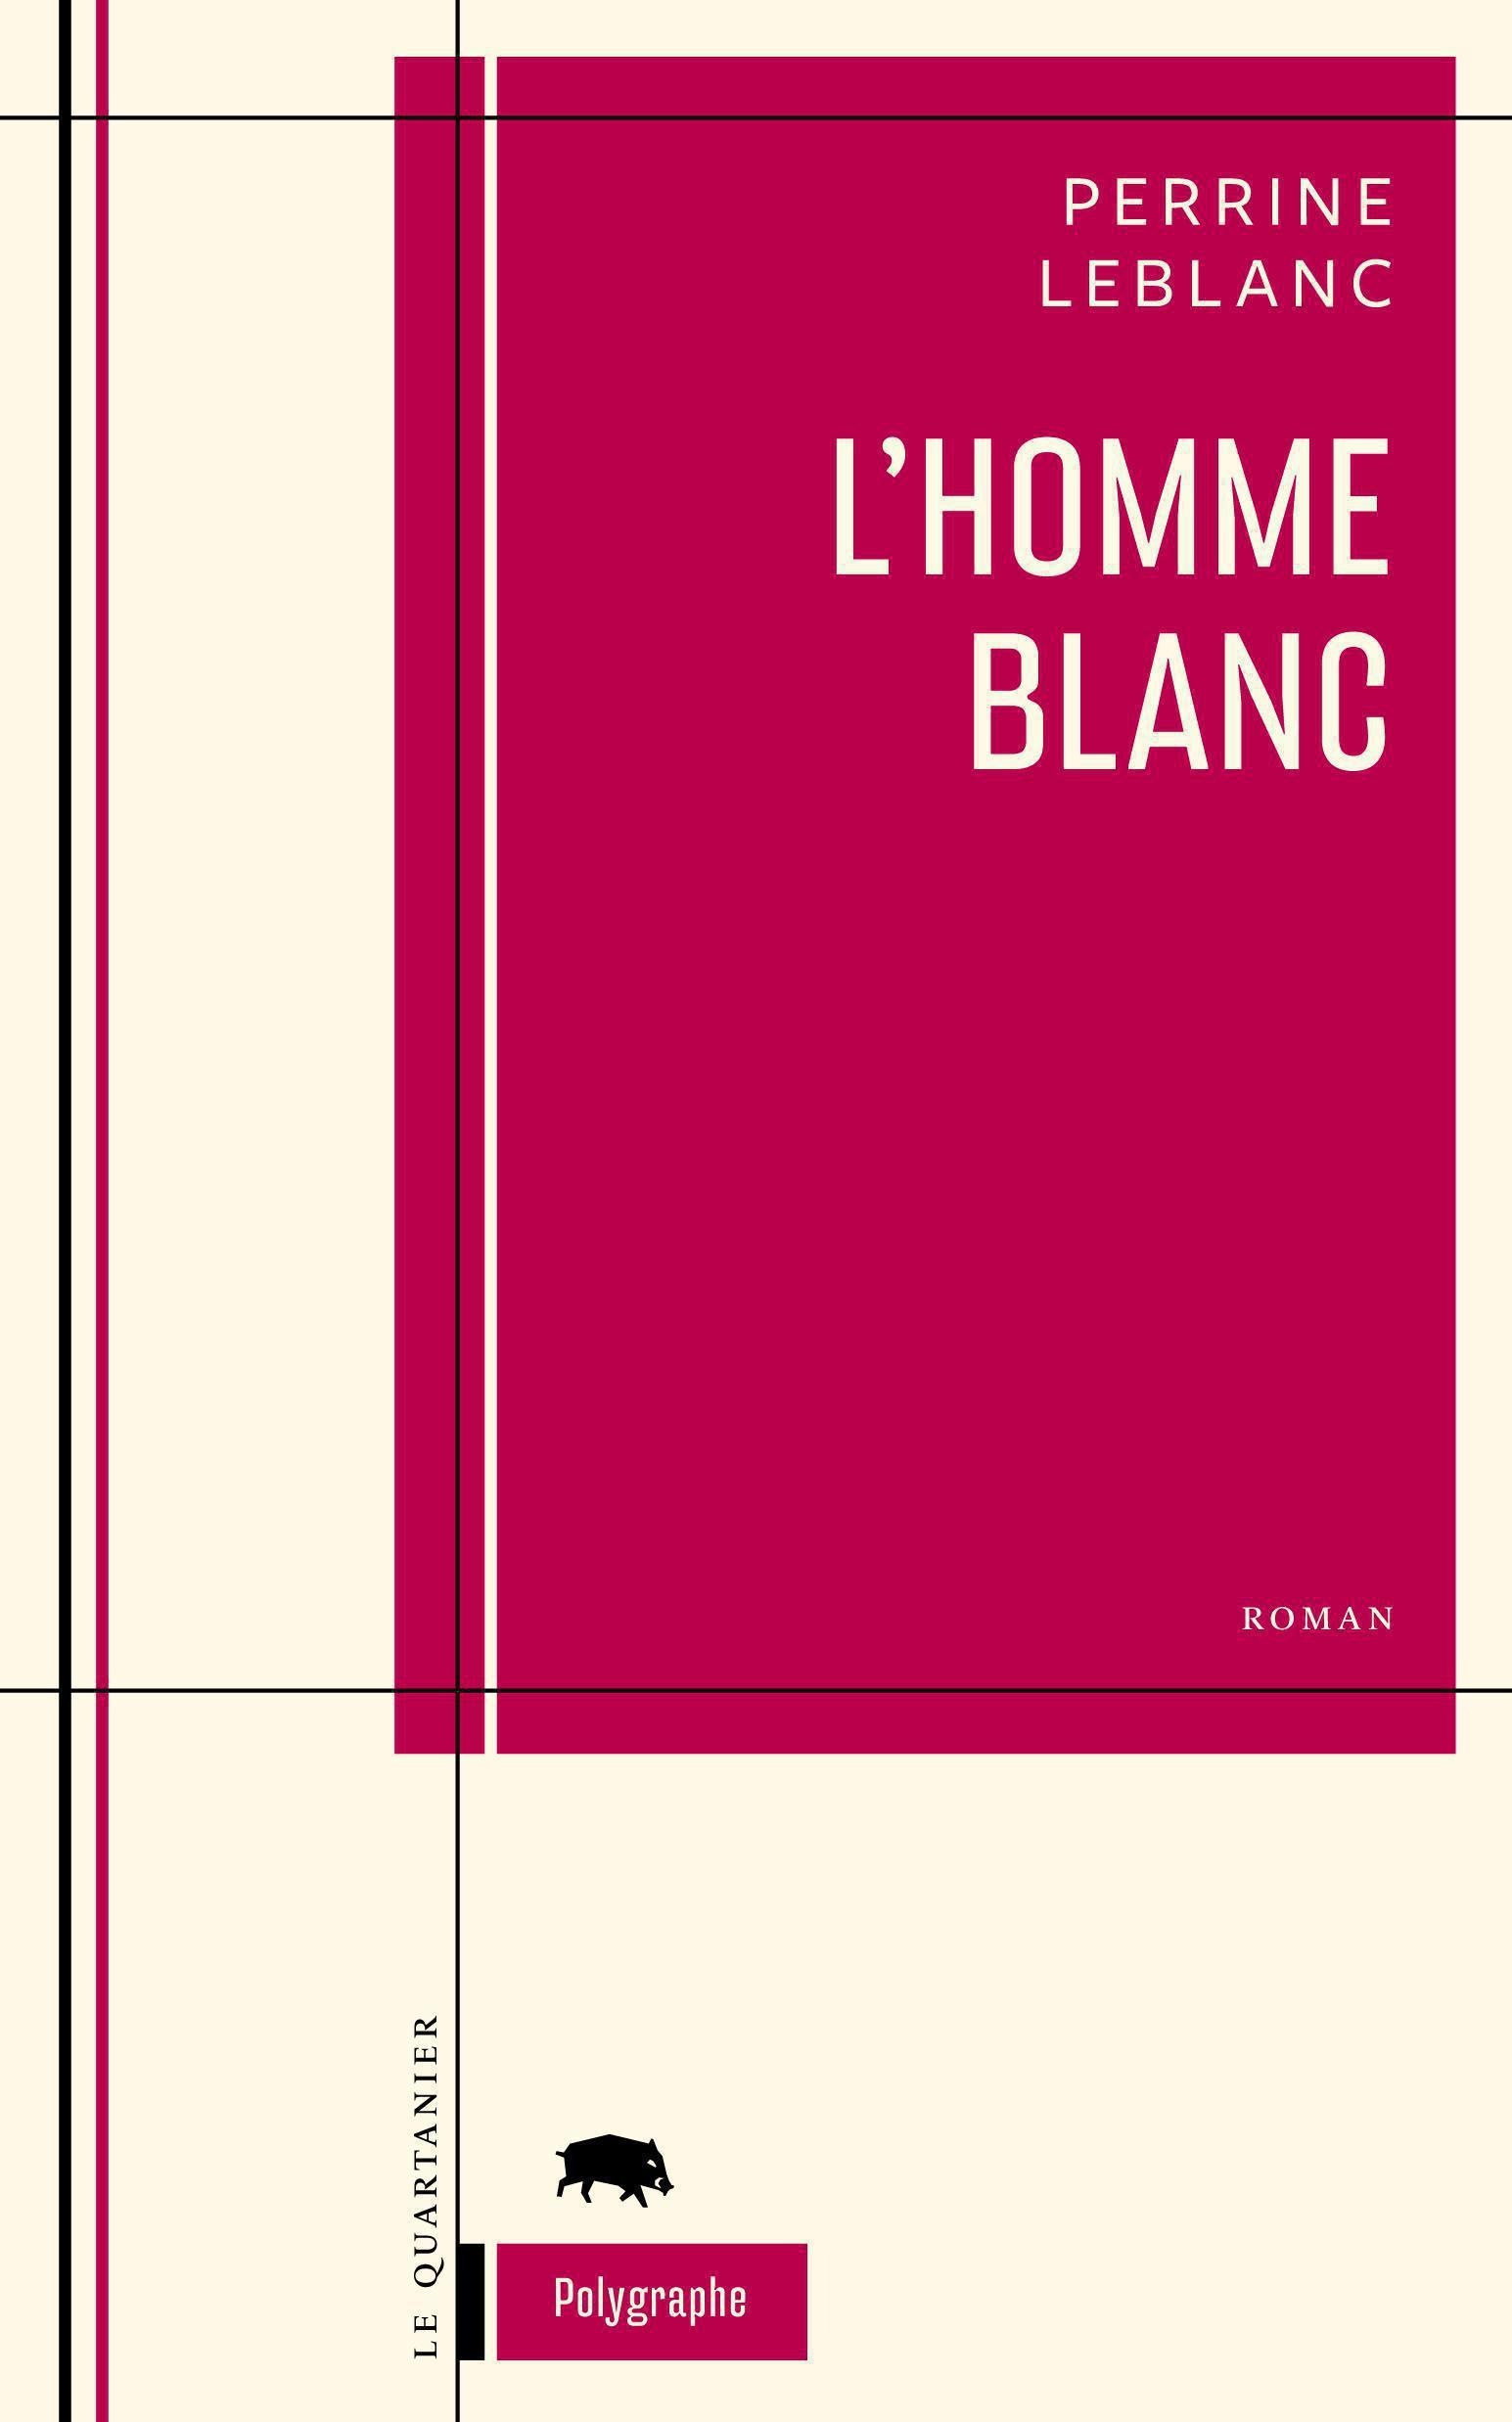 Couverture : L'homme blanc Perrine Leblanc